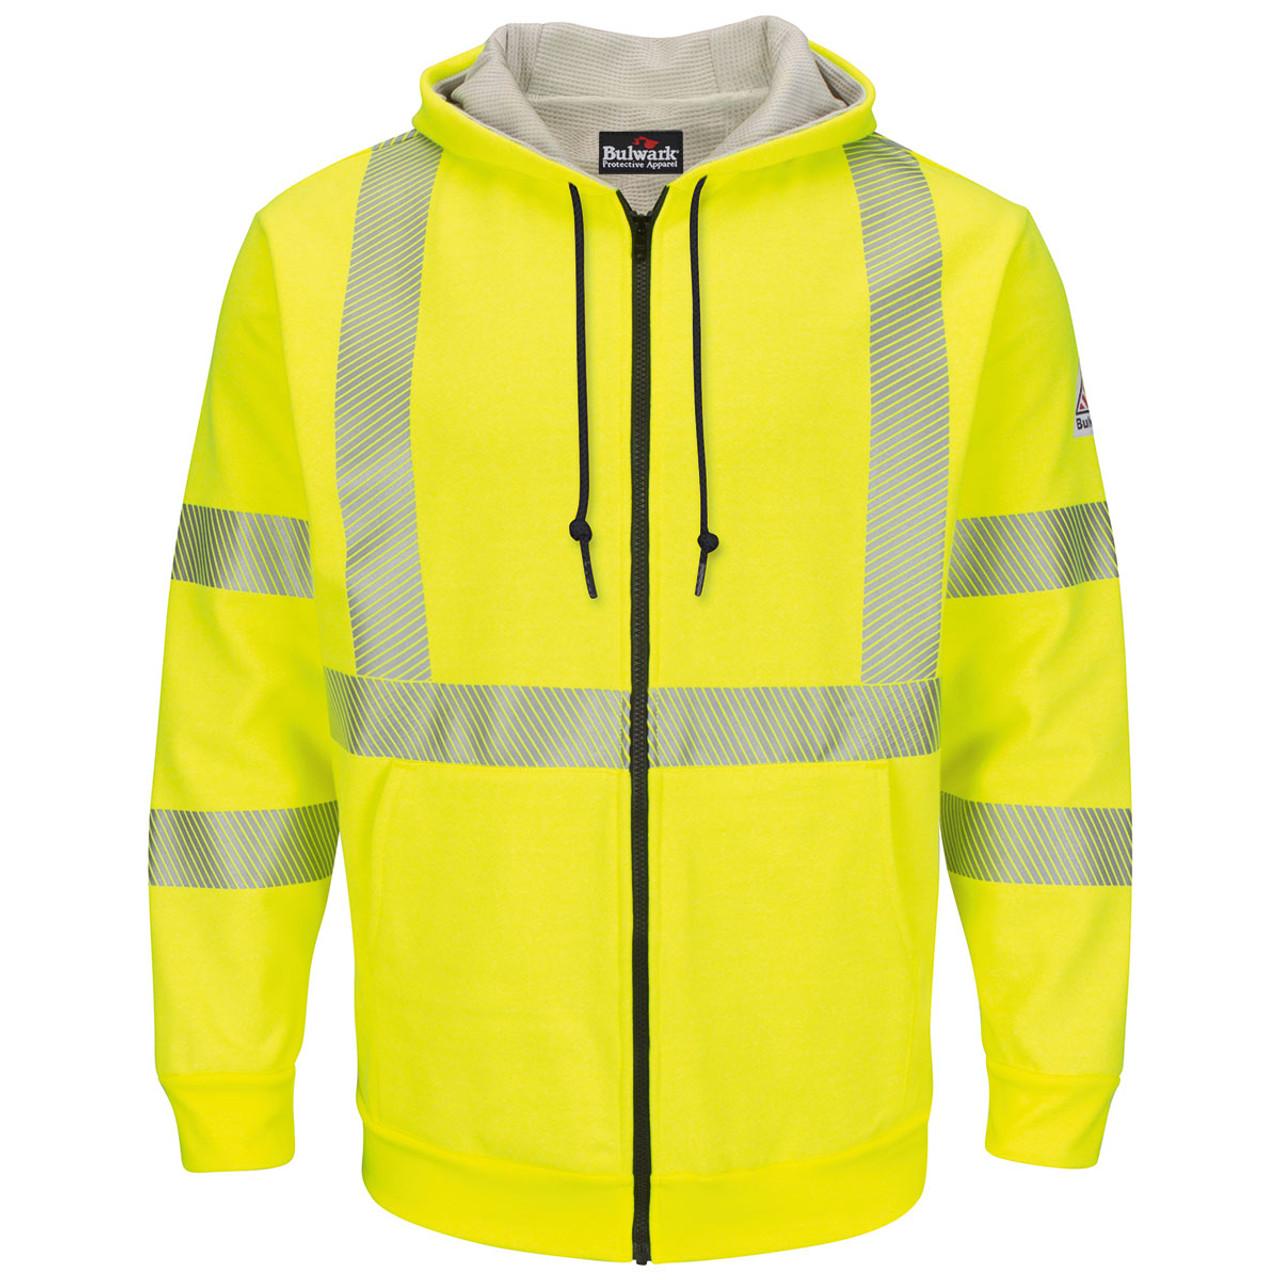 8806ccde599a Bulwark FR Class 3 Hi Vis Zip-Up Hooded Fleece Sweatshirt SMZ4HV